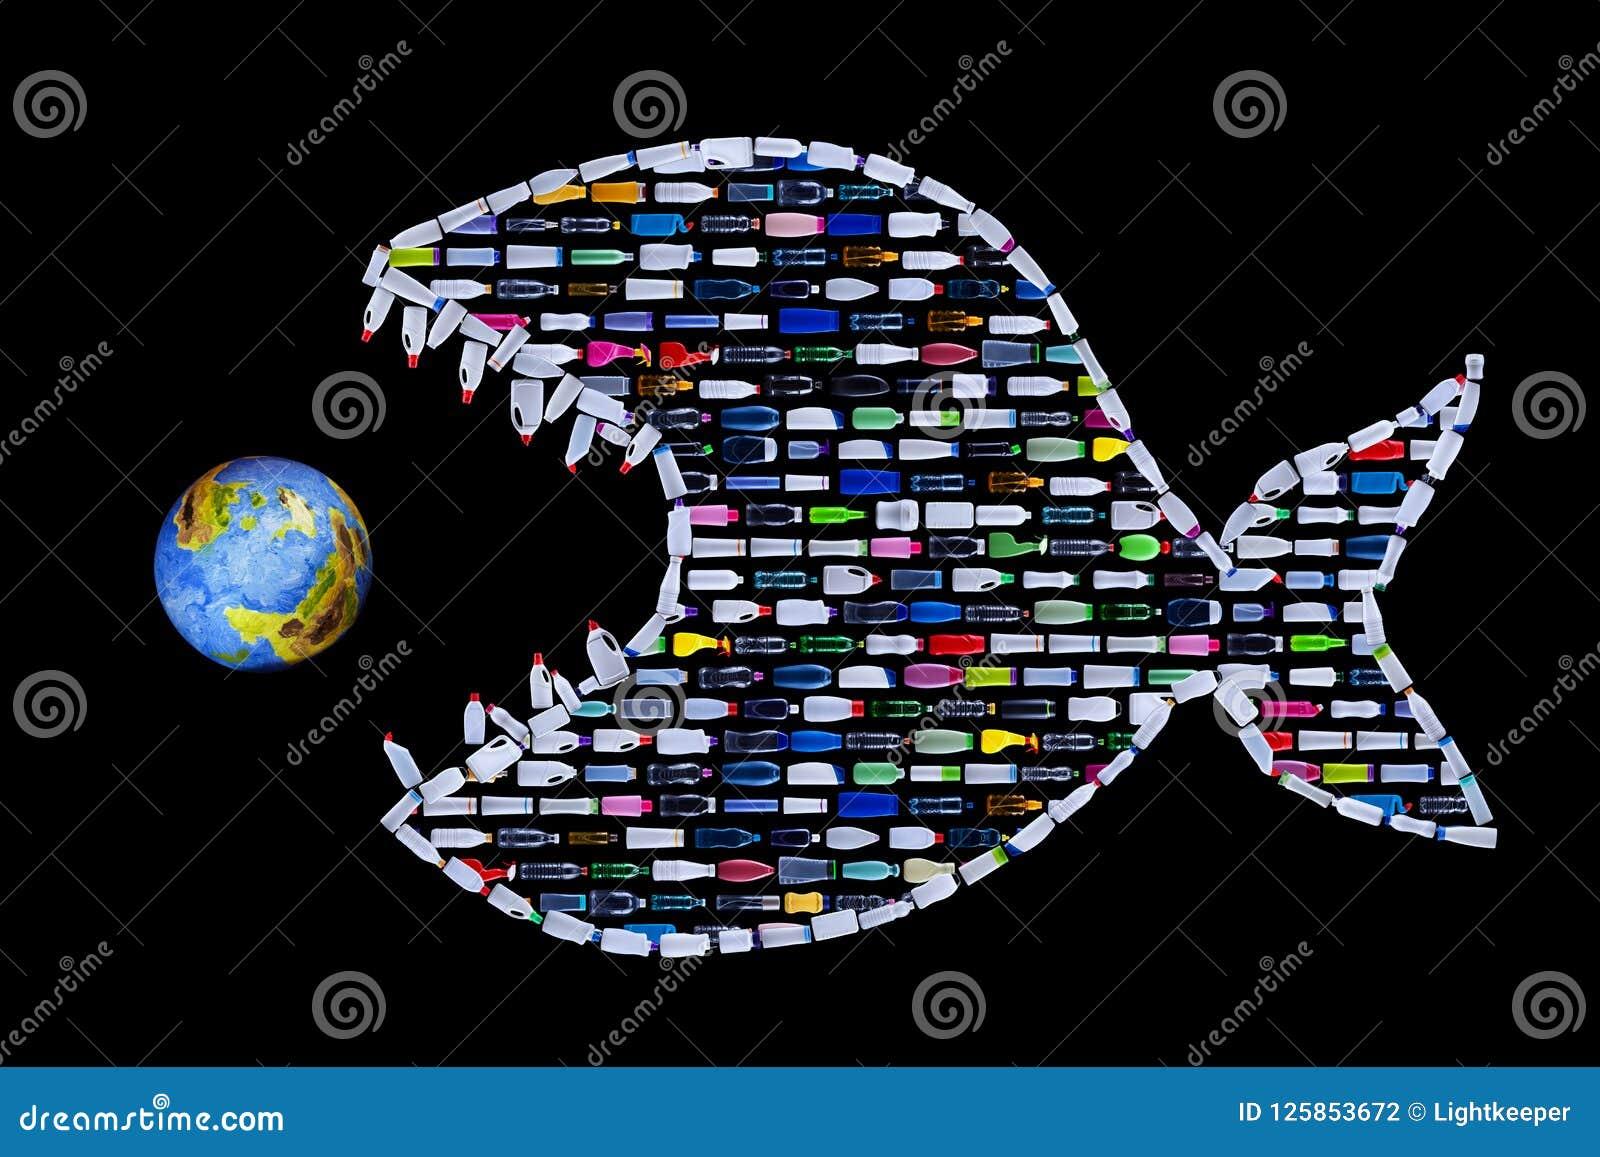 Abfall, der unsere Weltozeane und -erde zerstört